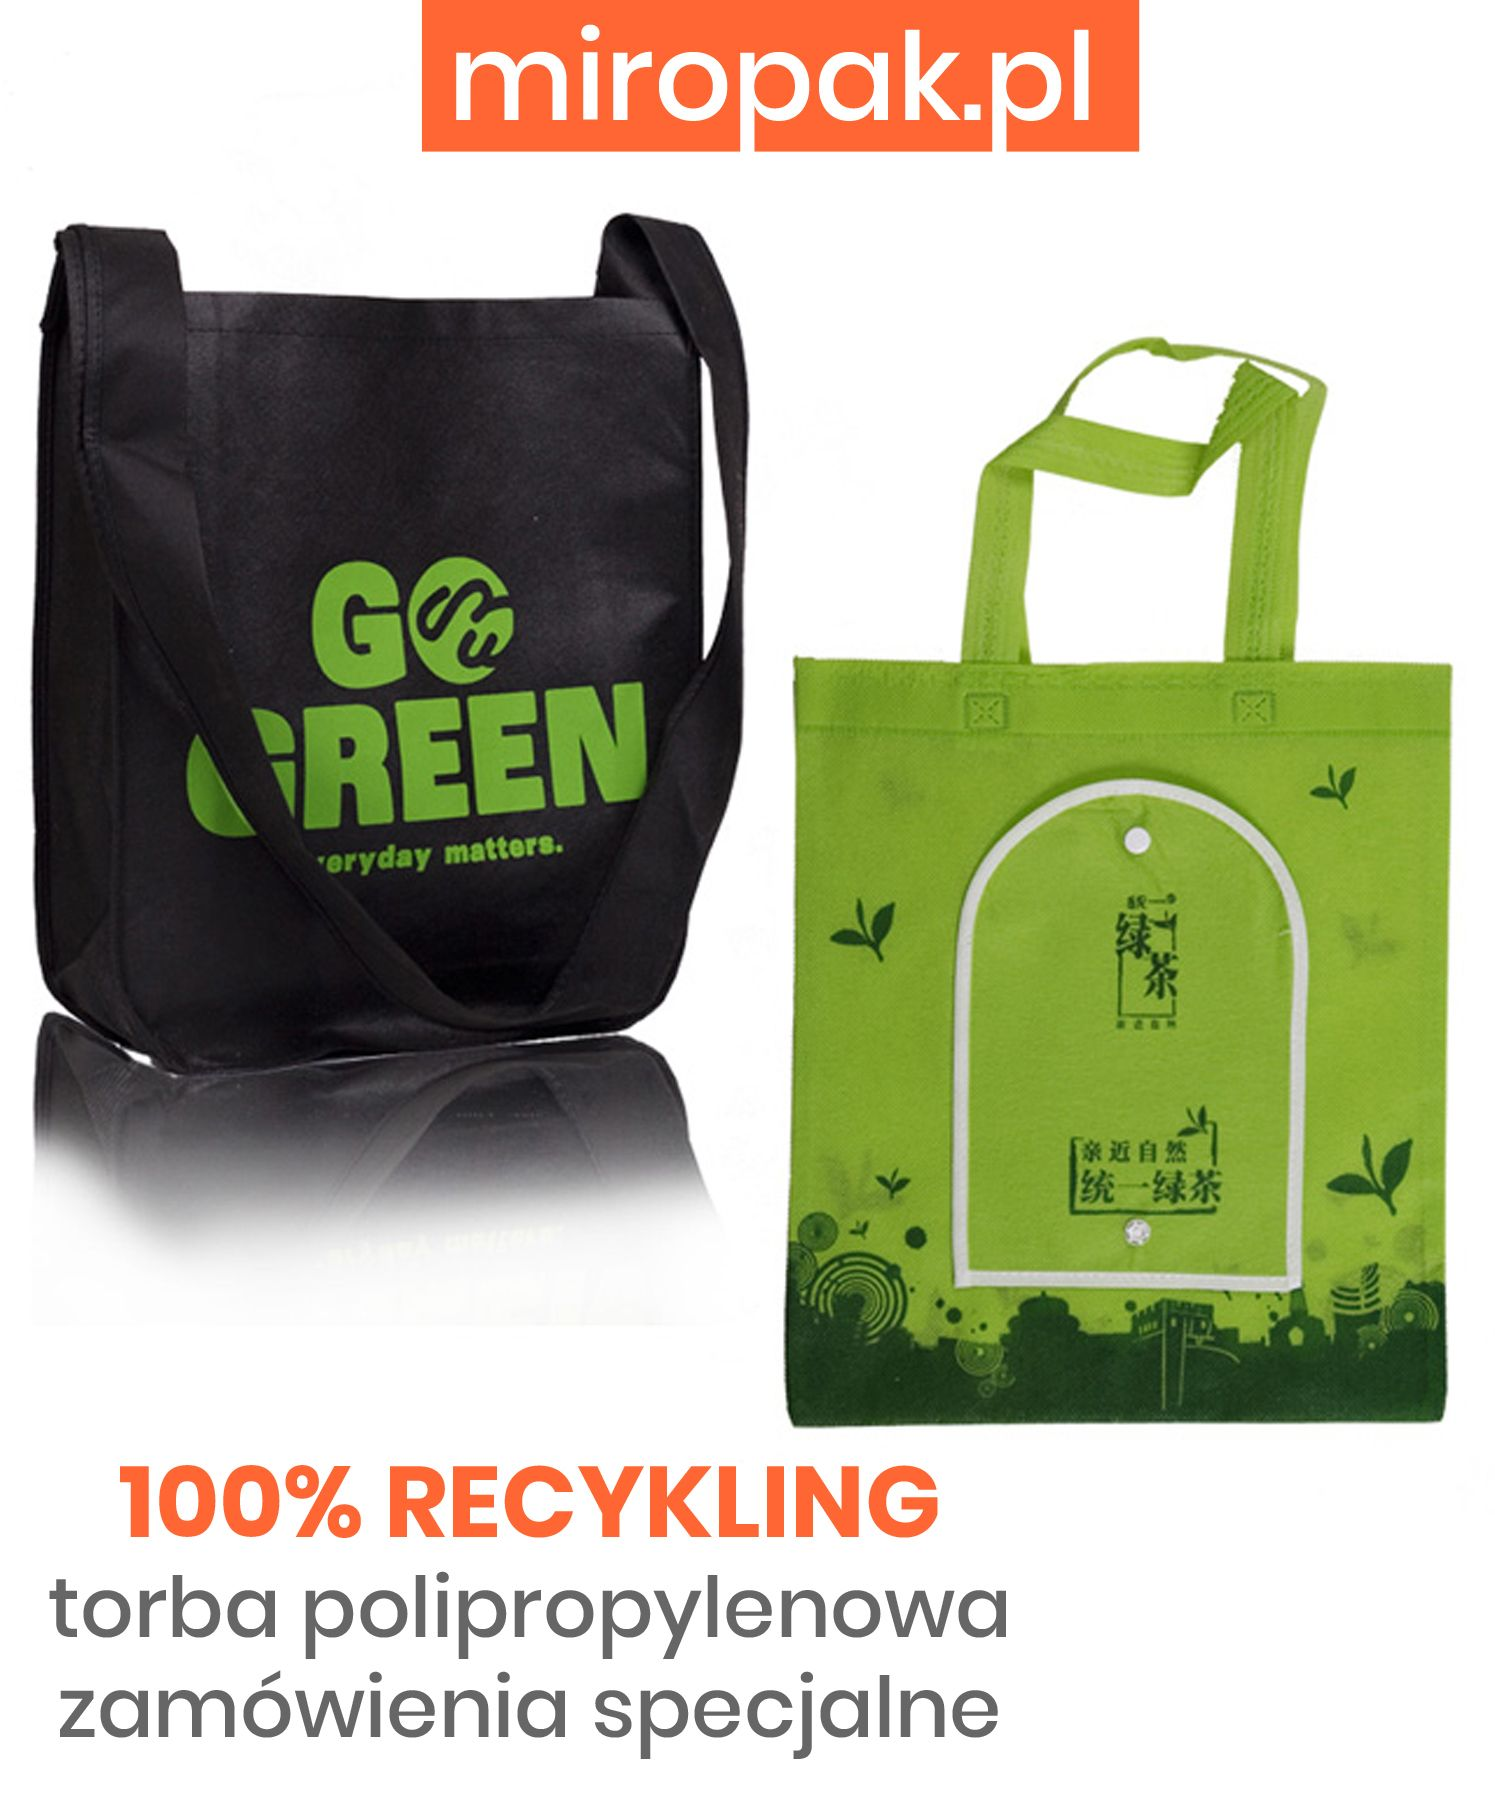 Oprocz Nadrukow Na Zamowienie Takze Szyjemy Ekologiczne Torby Polipropylenowe Wedlug Waszego Zamowienia Zapraszamy Tote Bag Coffee Bag Reusable Tote Bags